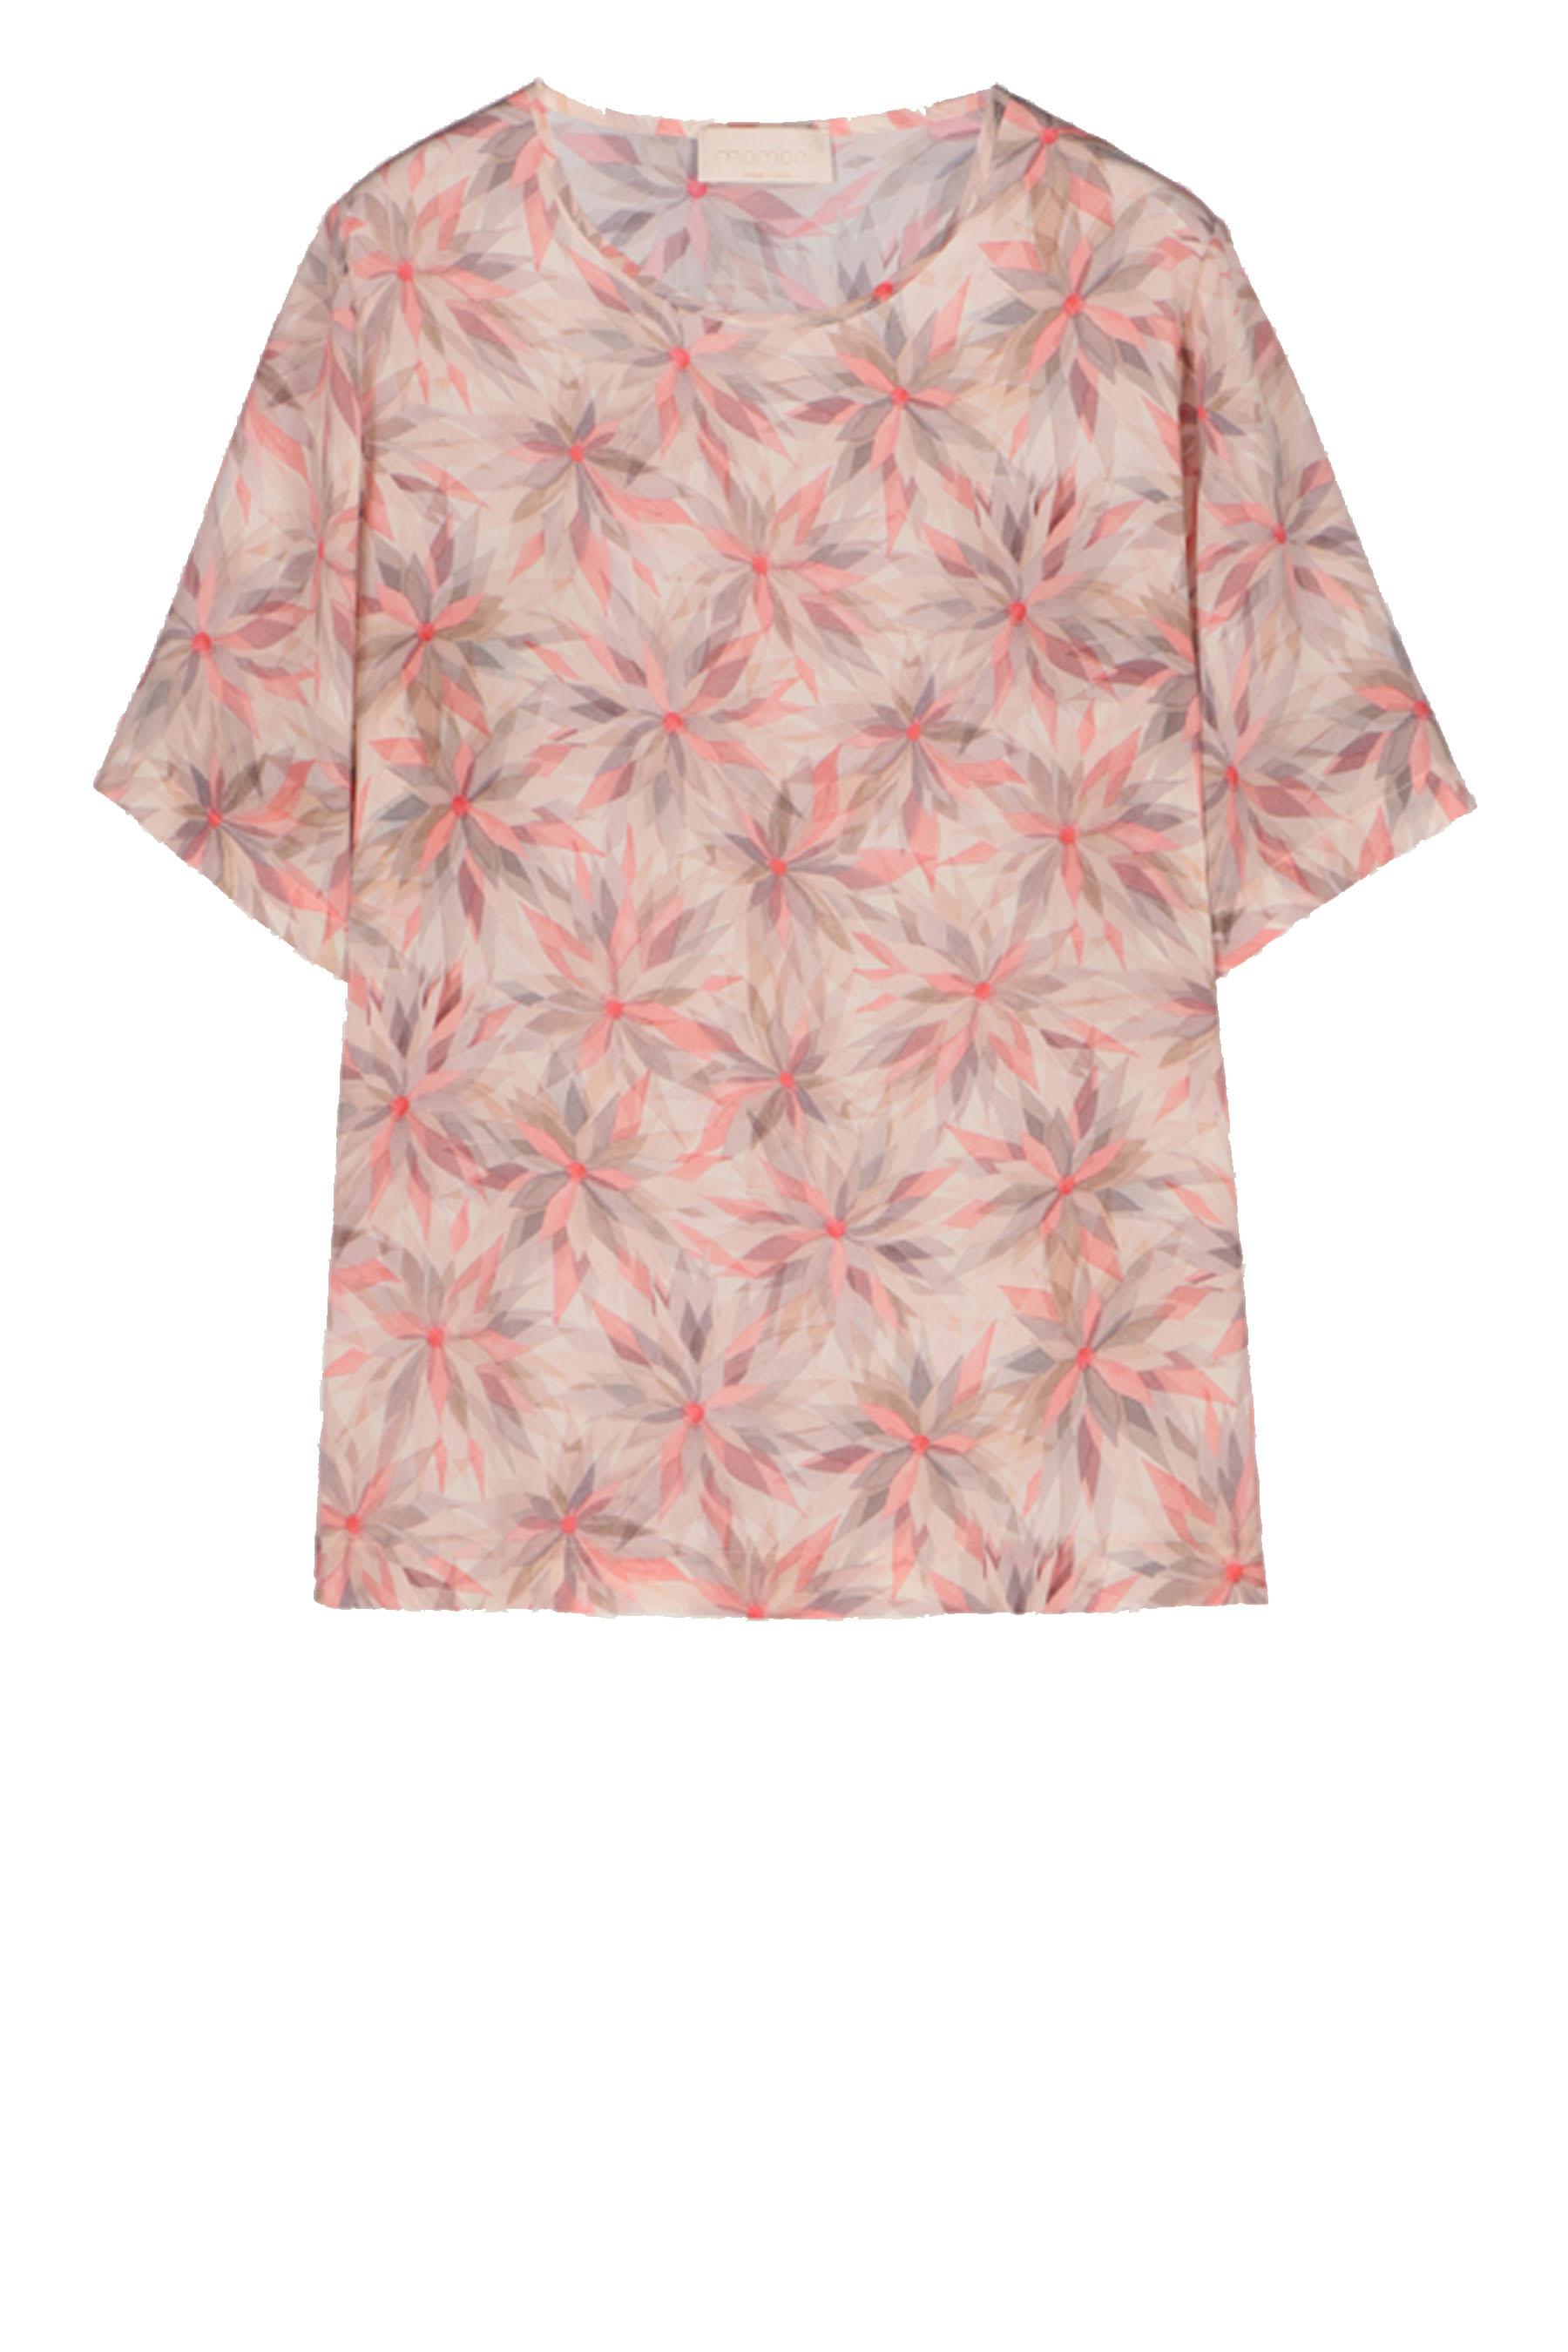 Pink pinwheel print half-sleeved blouse MOMONI | Blouse | MOBL003 02MO4091